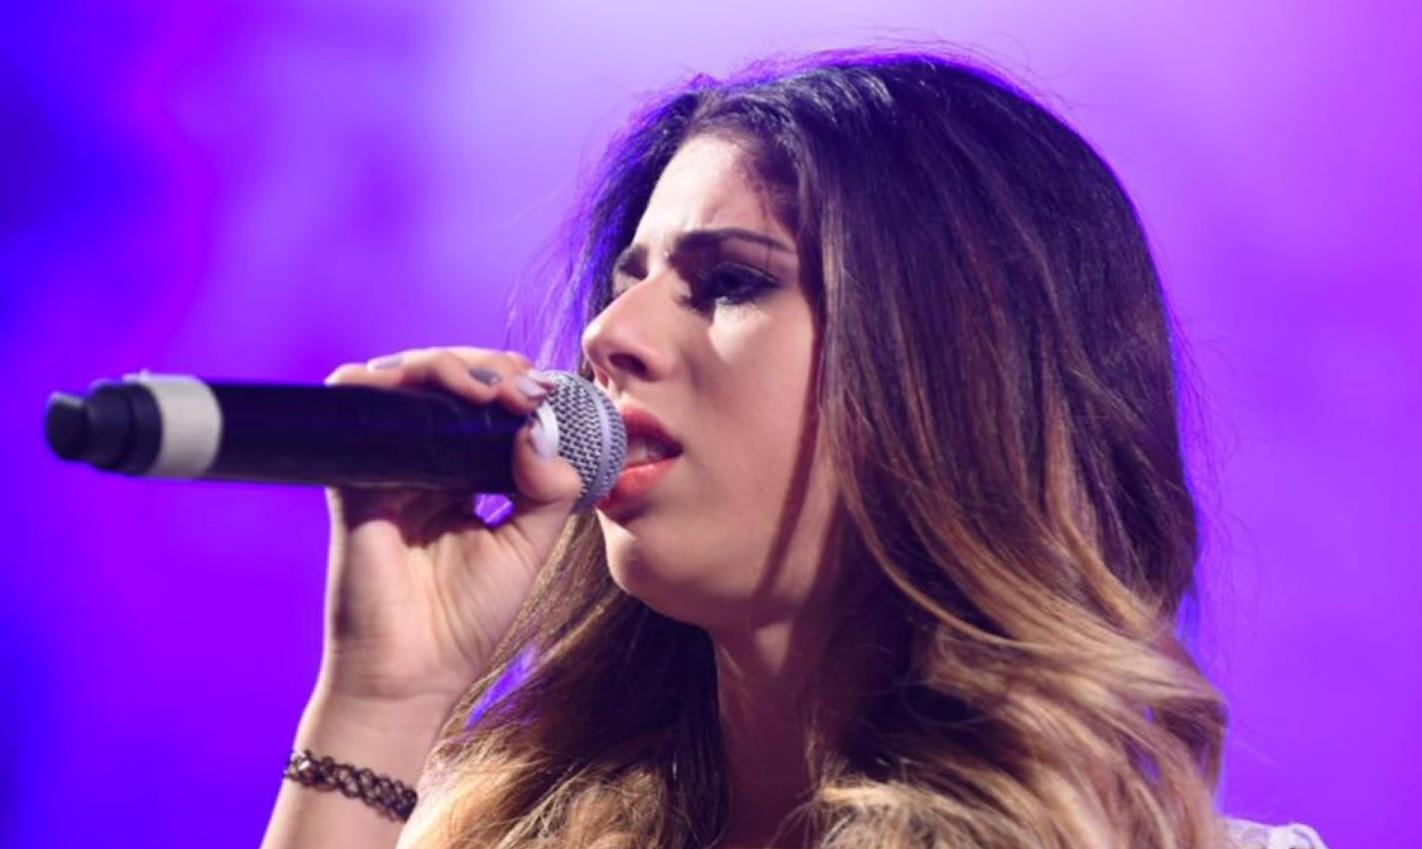 Musica, da domani online il nuovo singolo di Francesca Presto